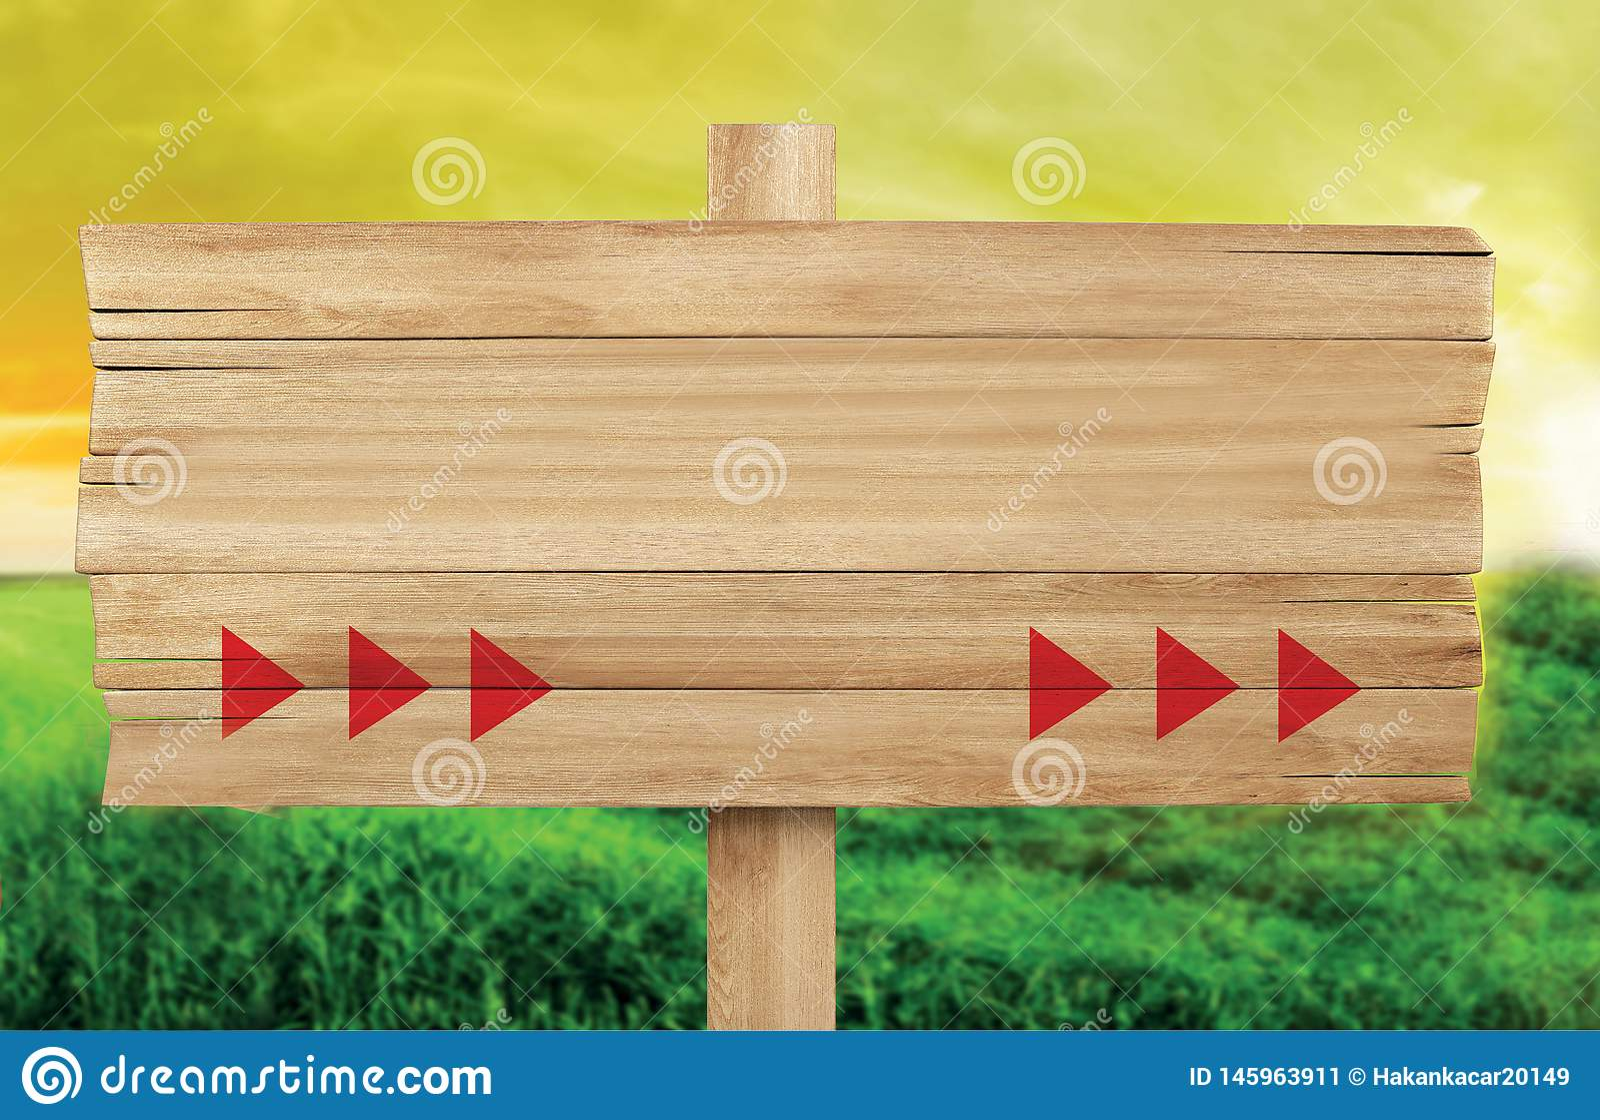 Ξύλινη πινακίδα, αγροτική πινακίδα κενό διάστημα για το γράψιμο